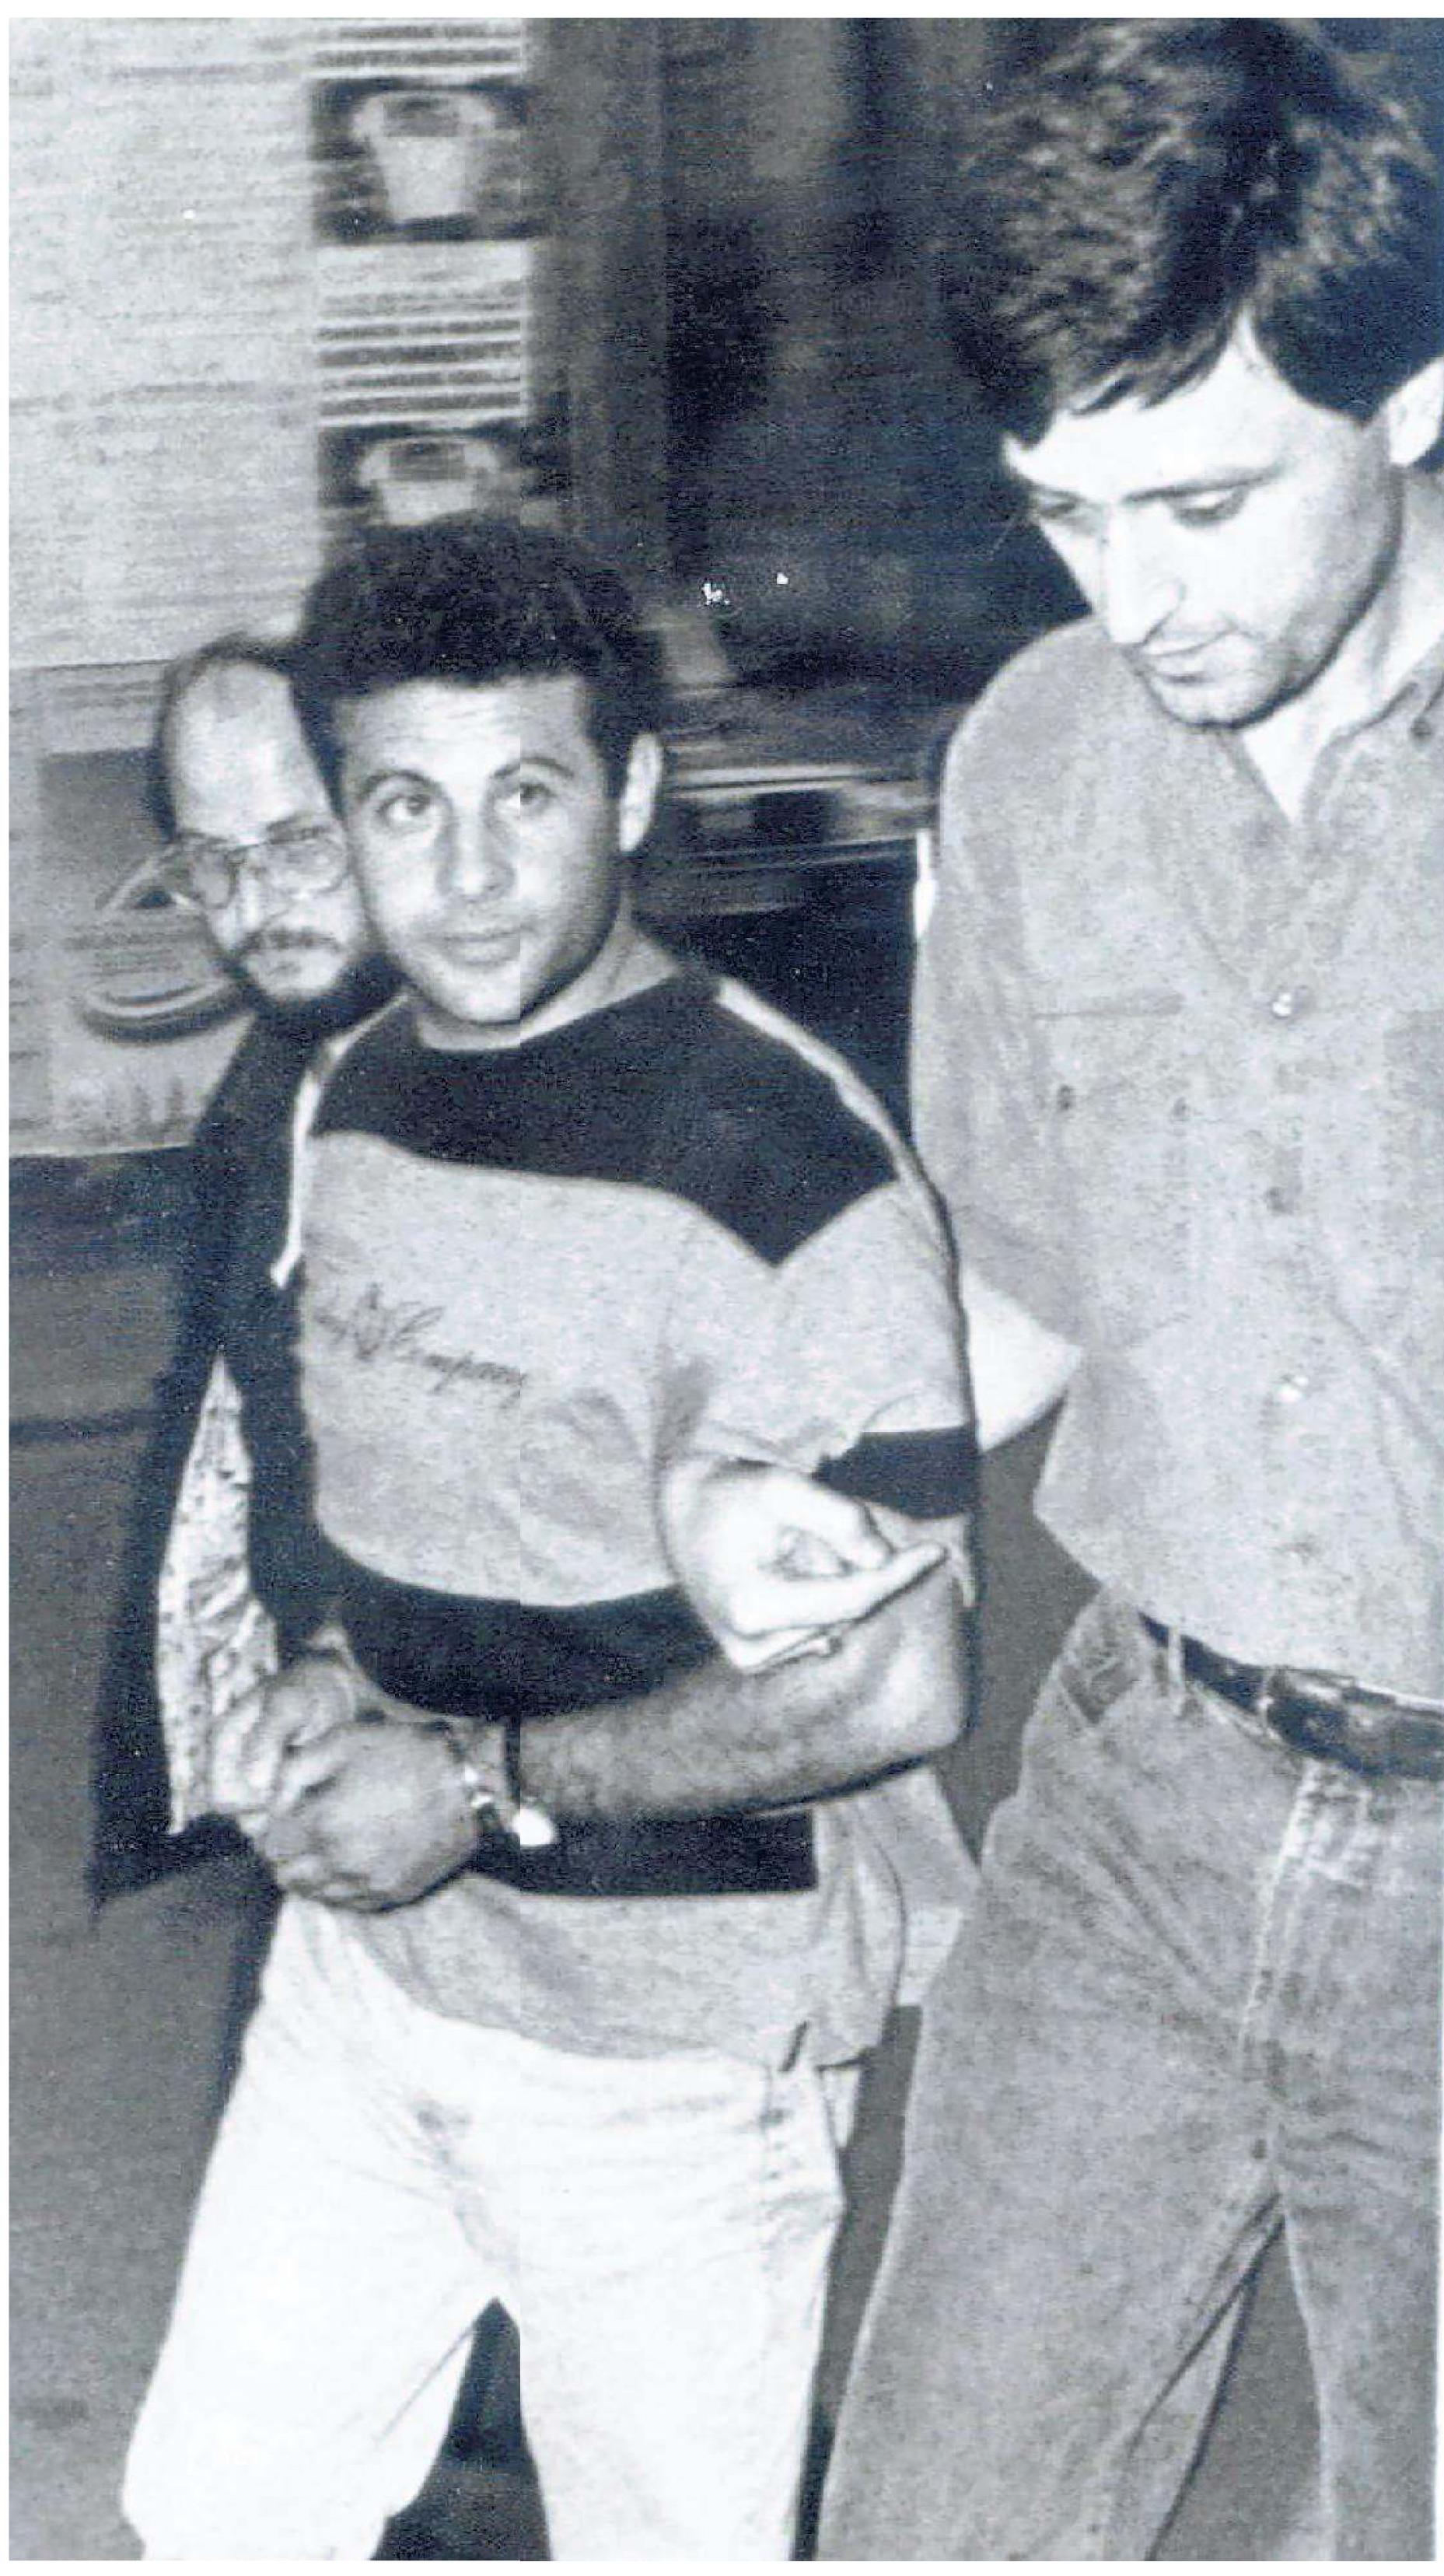 Antonio Valerio negli anni '90